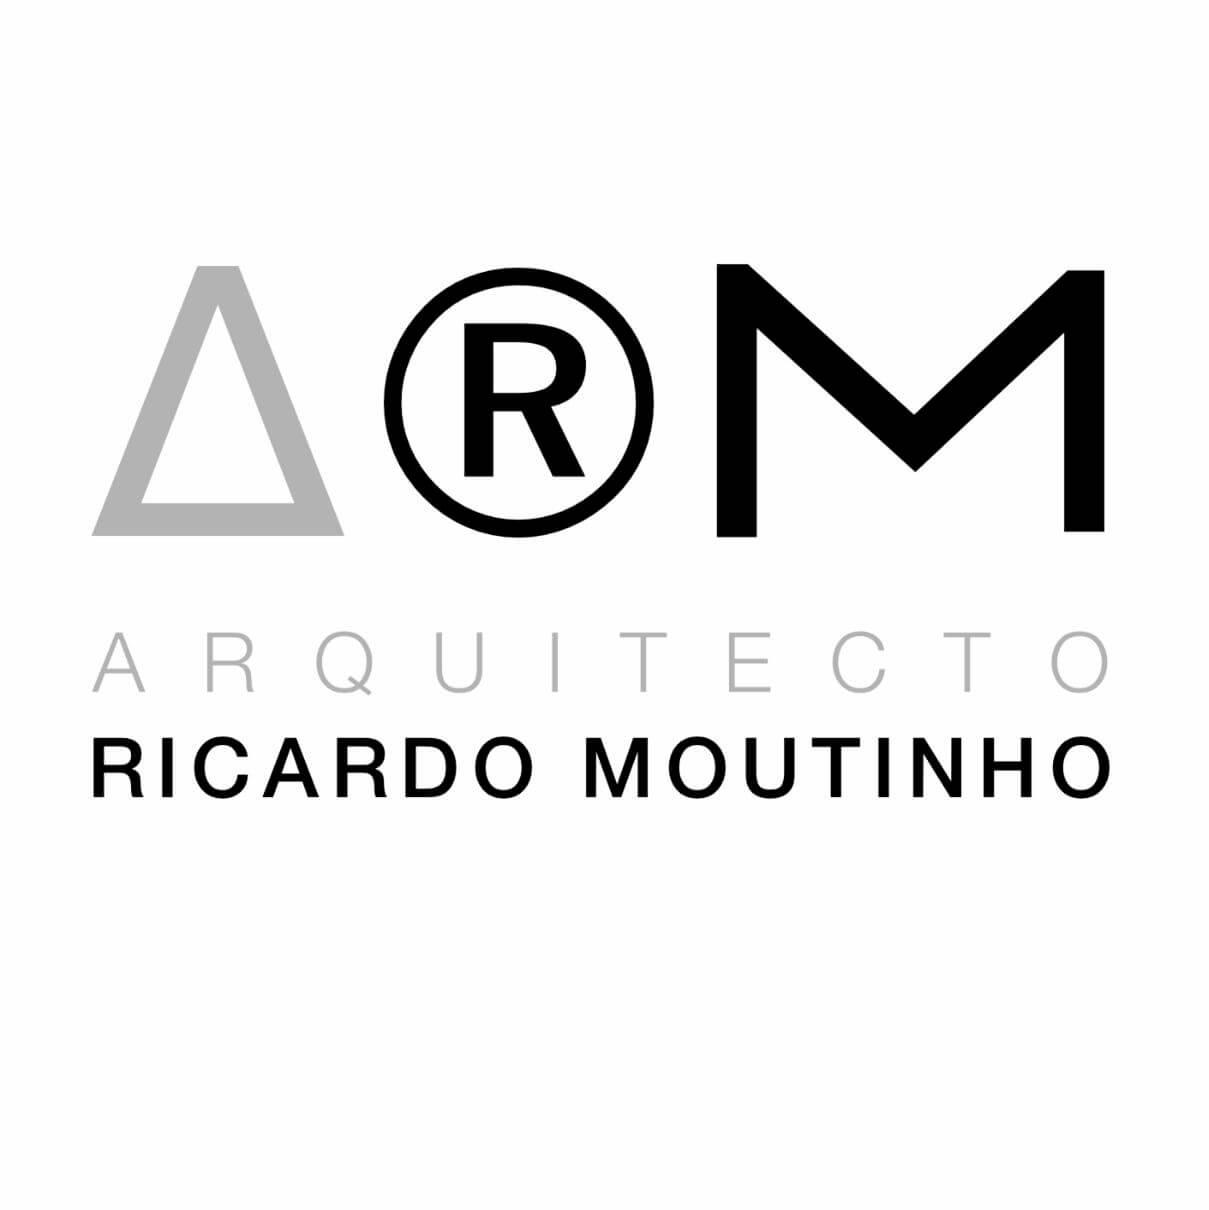 Arquitecto Ricardo Moutinho